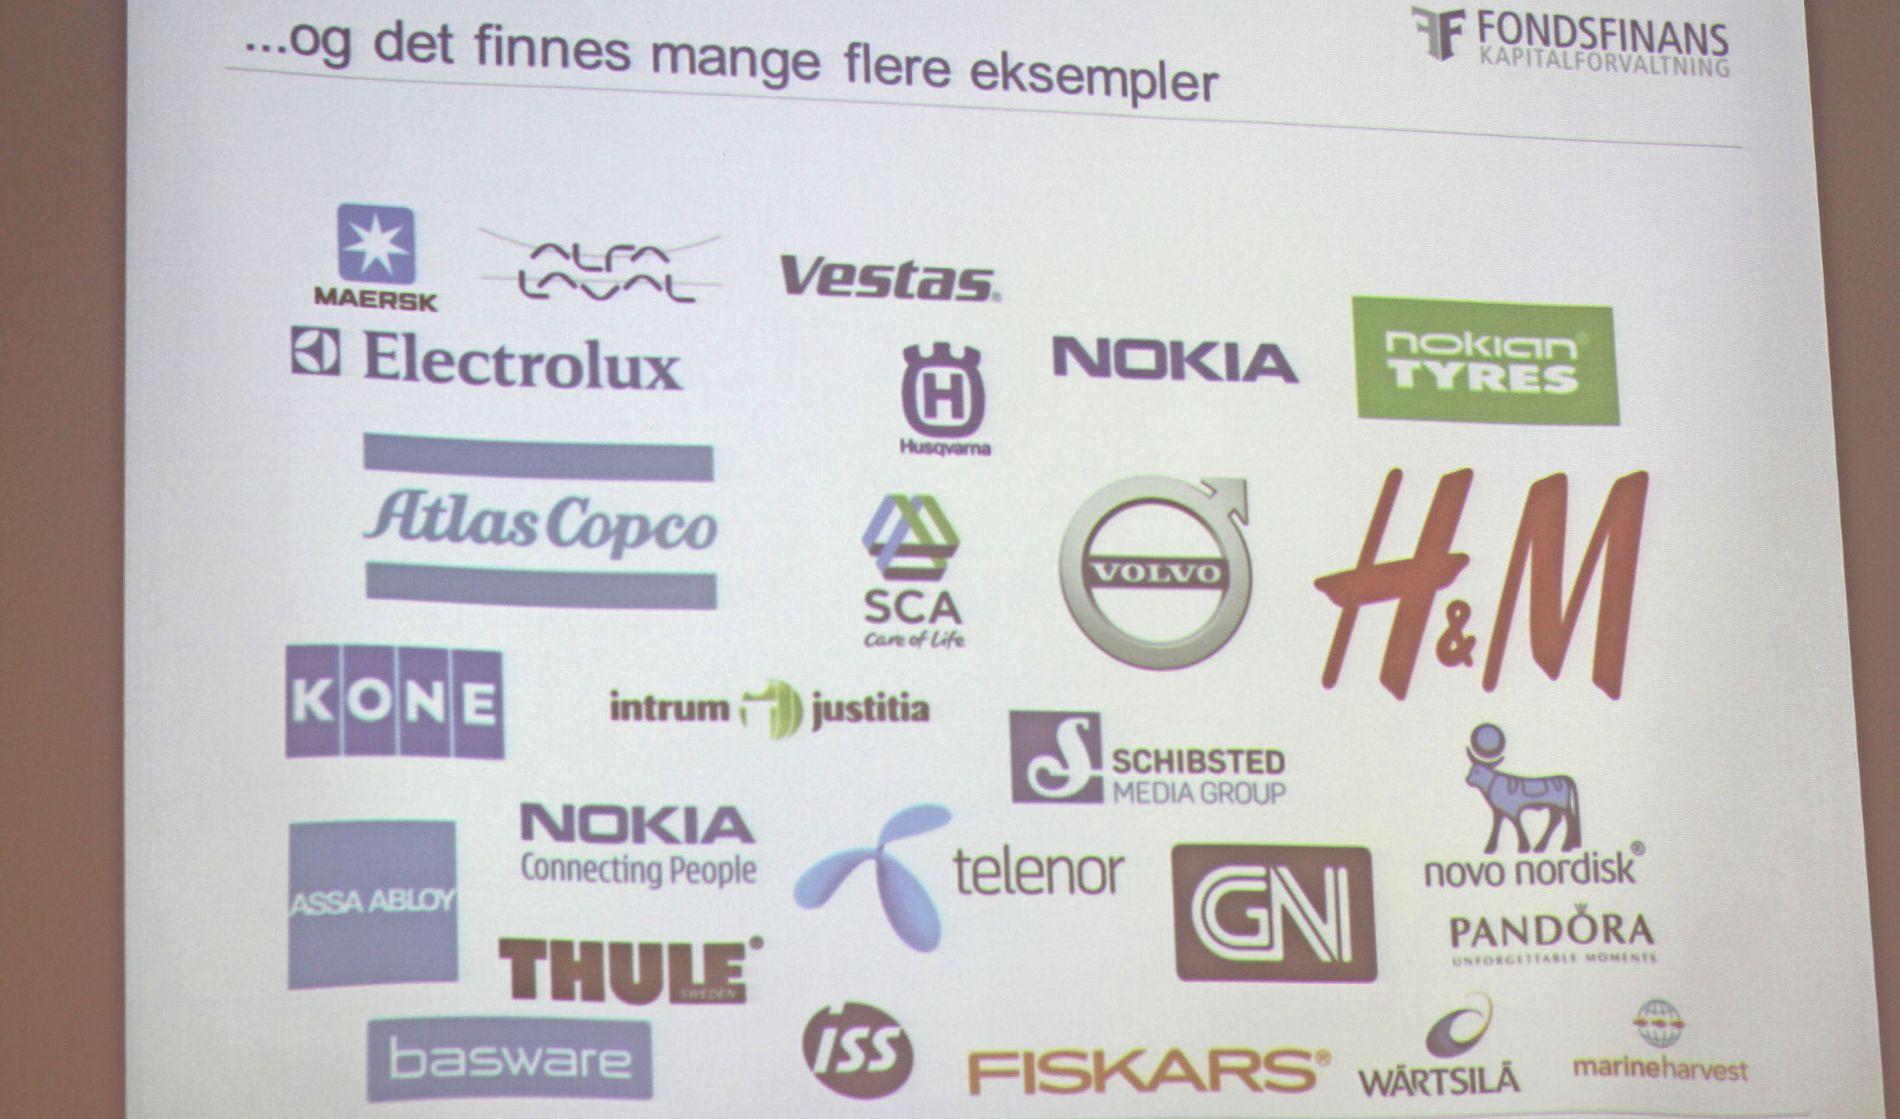 Sammenlignet med resten av Norden, har Norge en svær energisektor og nesten ingen legemiddelselskaper på Børsen, og en lav andel industriselskaper, ifølge Arne Simensen.